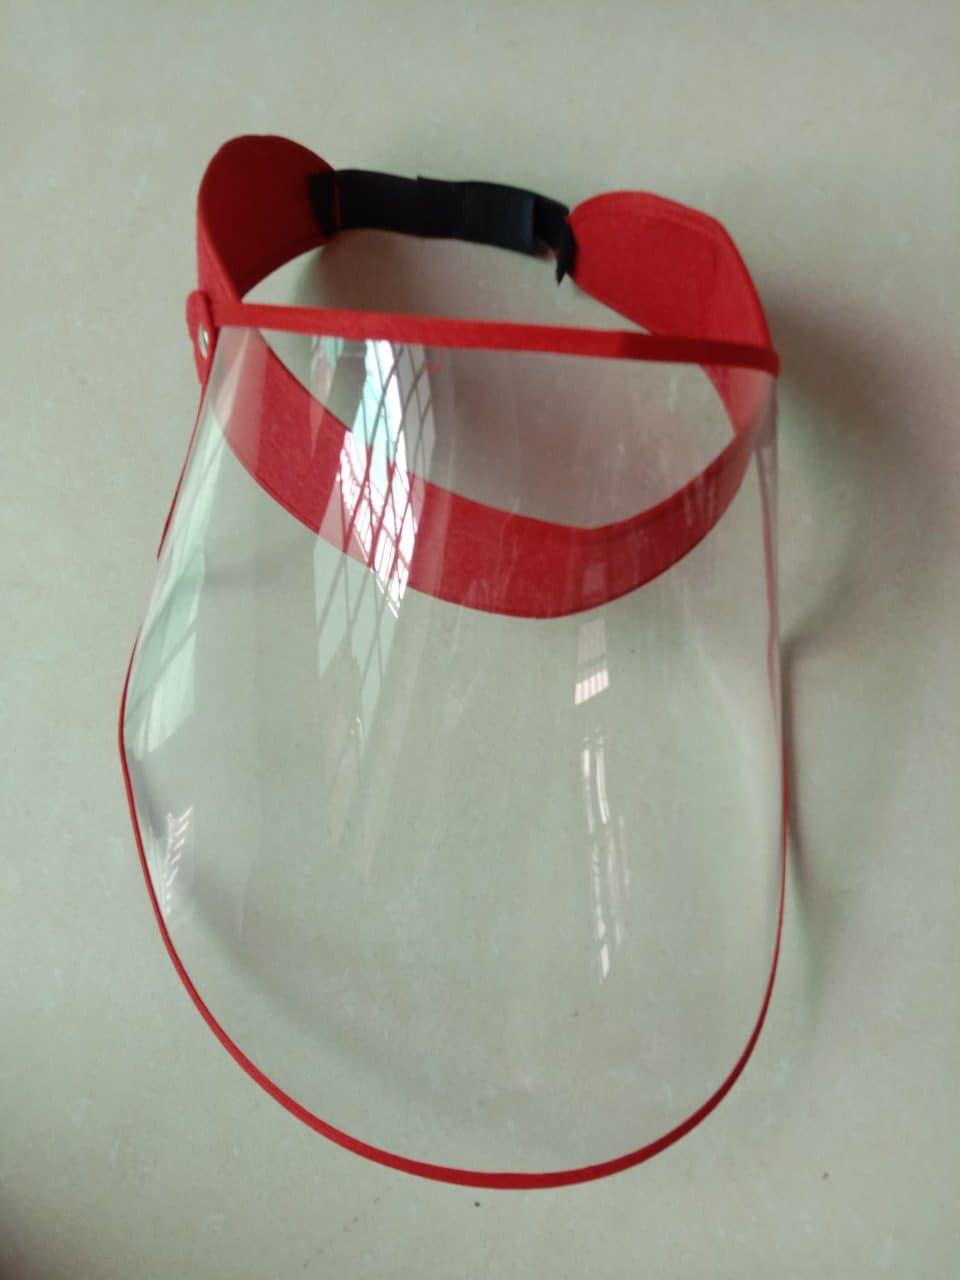 Kính che mặt face shield dùng dán gai để cố định, đơn giản dễ sử dụng